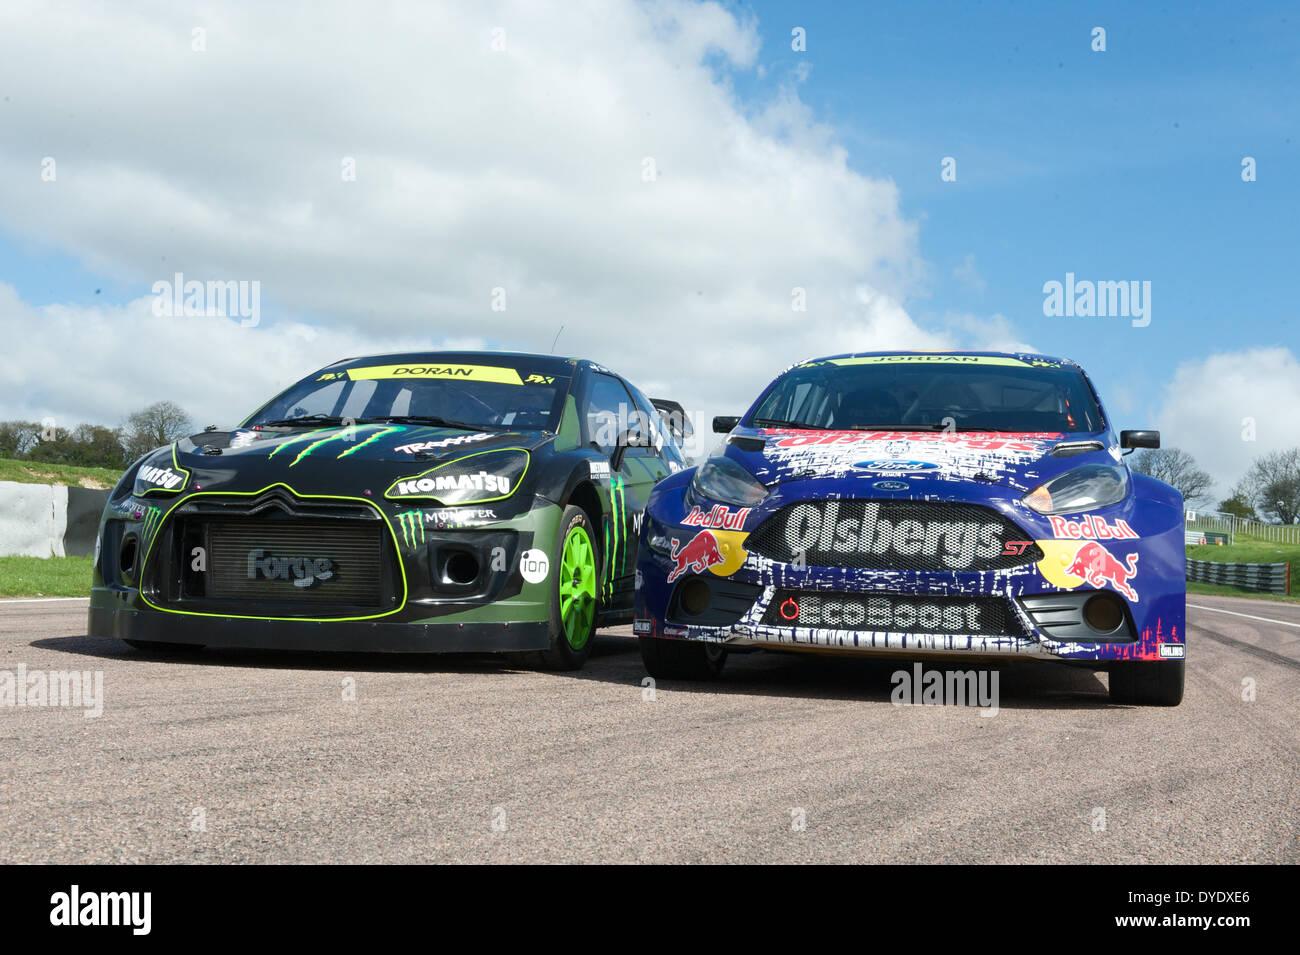 Monster Energy Sponsored Citroen And Ford Fiesta St Wrx Cars Stock